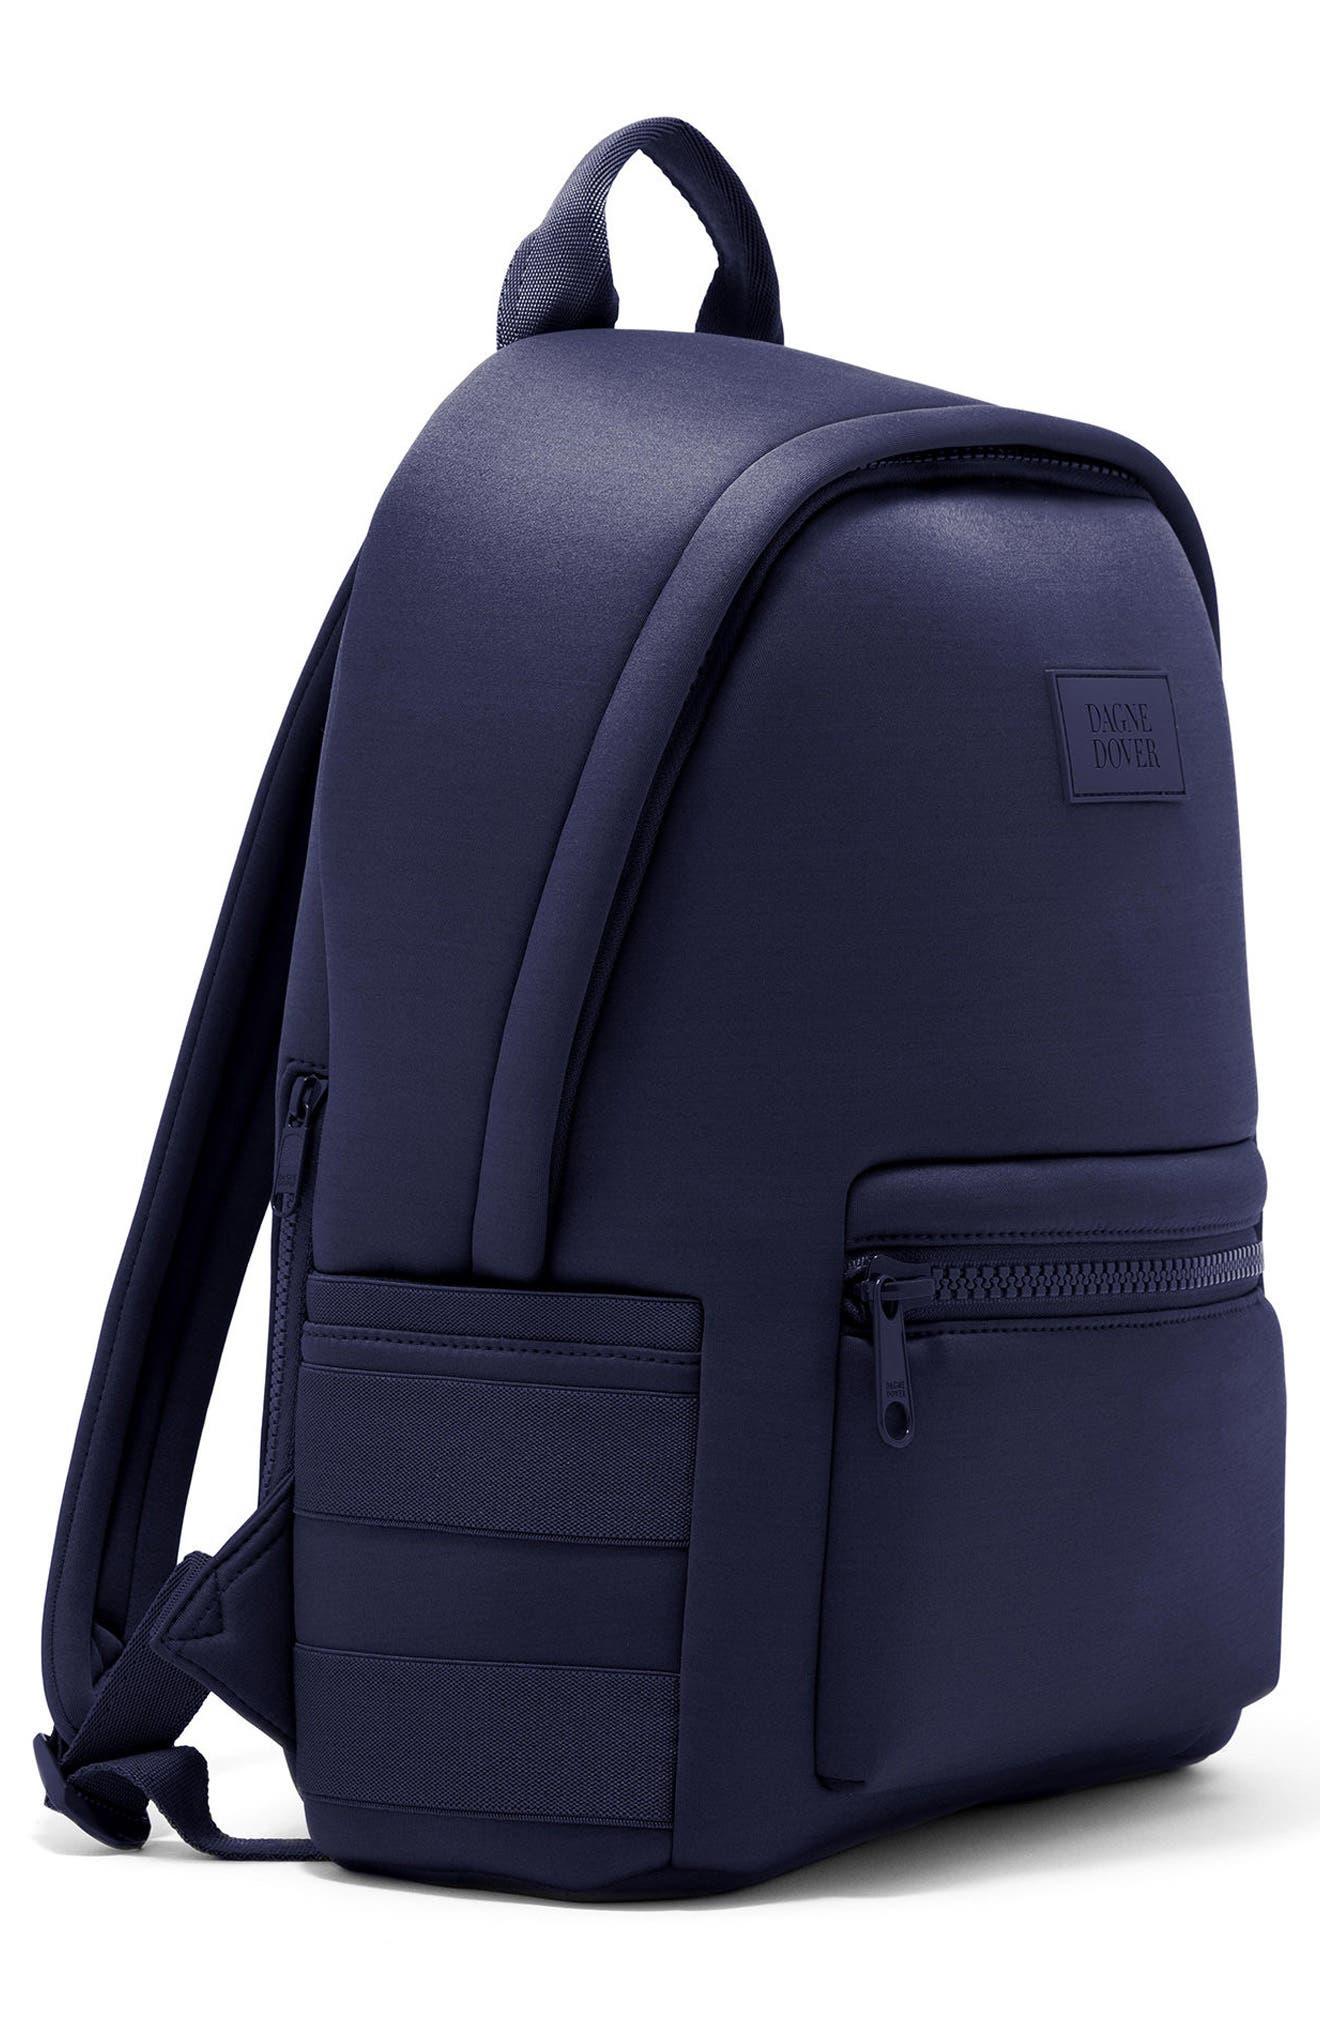 365 Dakota Neoprene Backpack,                             Alternate thumbnail 34, color,